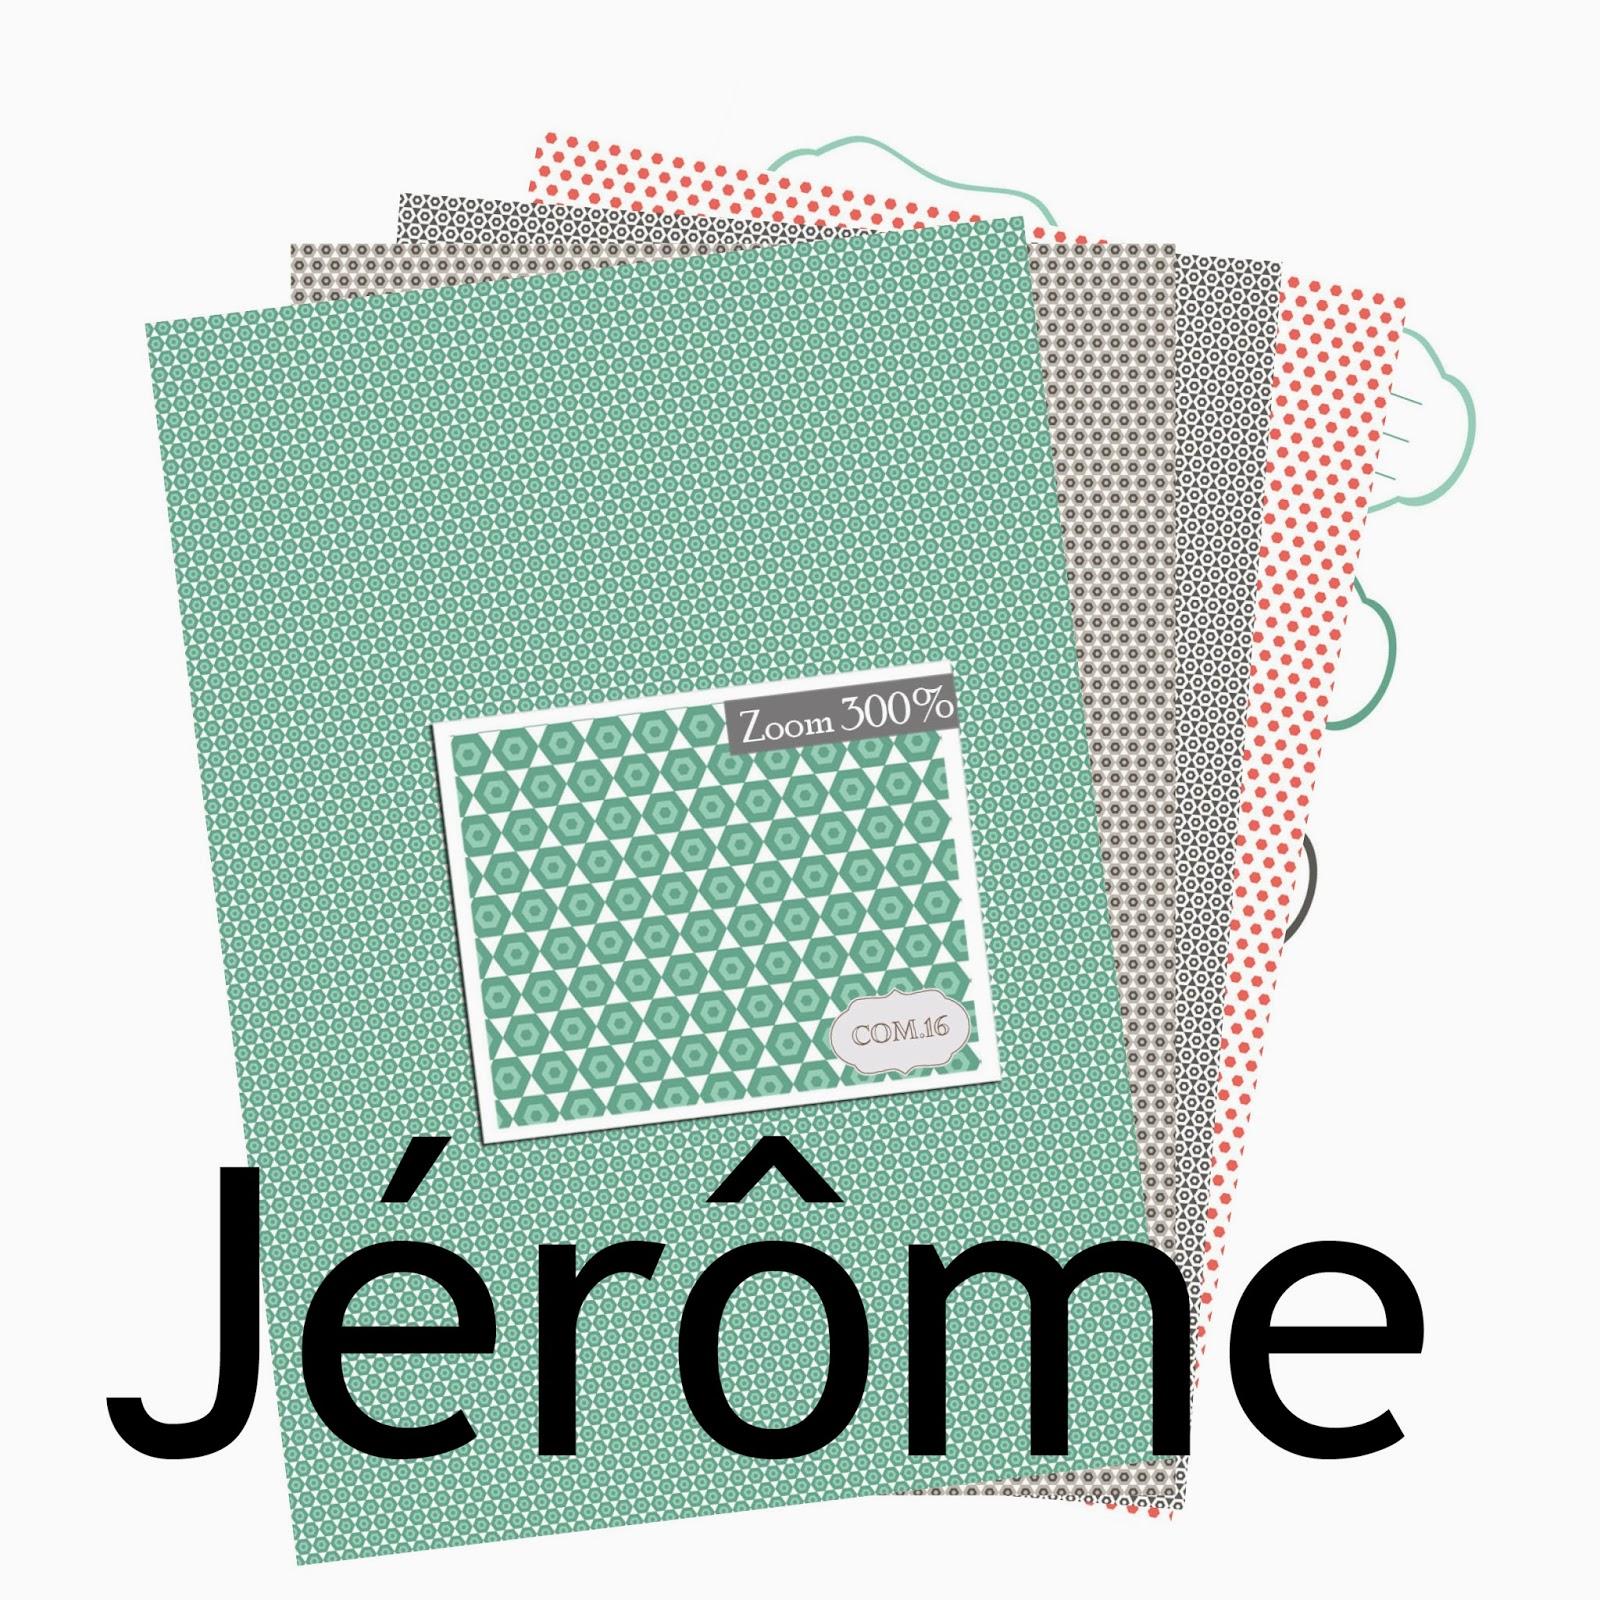 http://com16laboutique.blogspot.fr/2014/01/papier-imprimer-a4-print-jerome.html